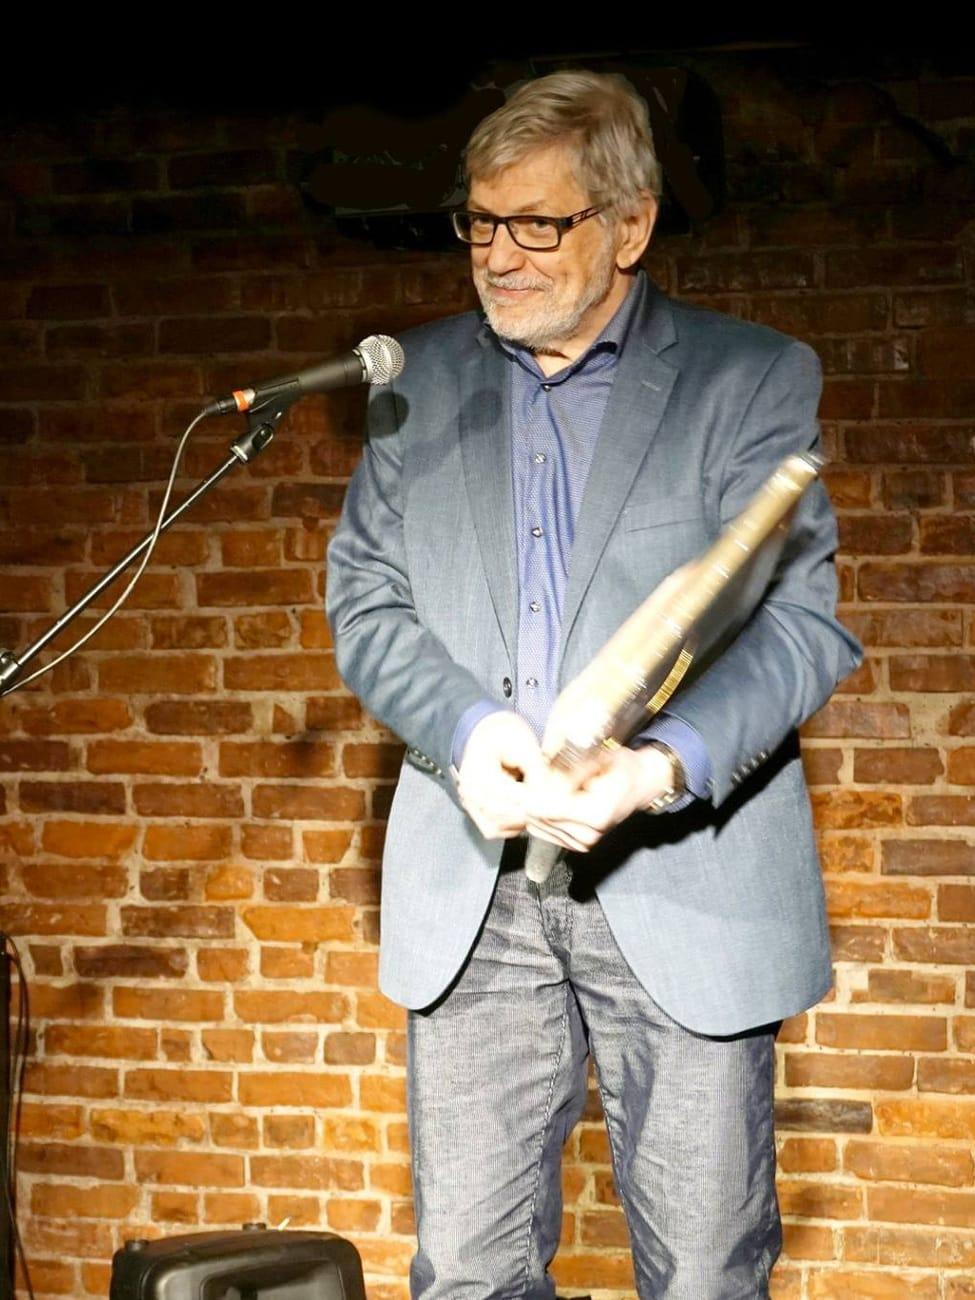 Bengt Bermansen, Tyldenprisen